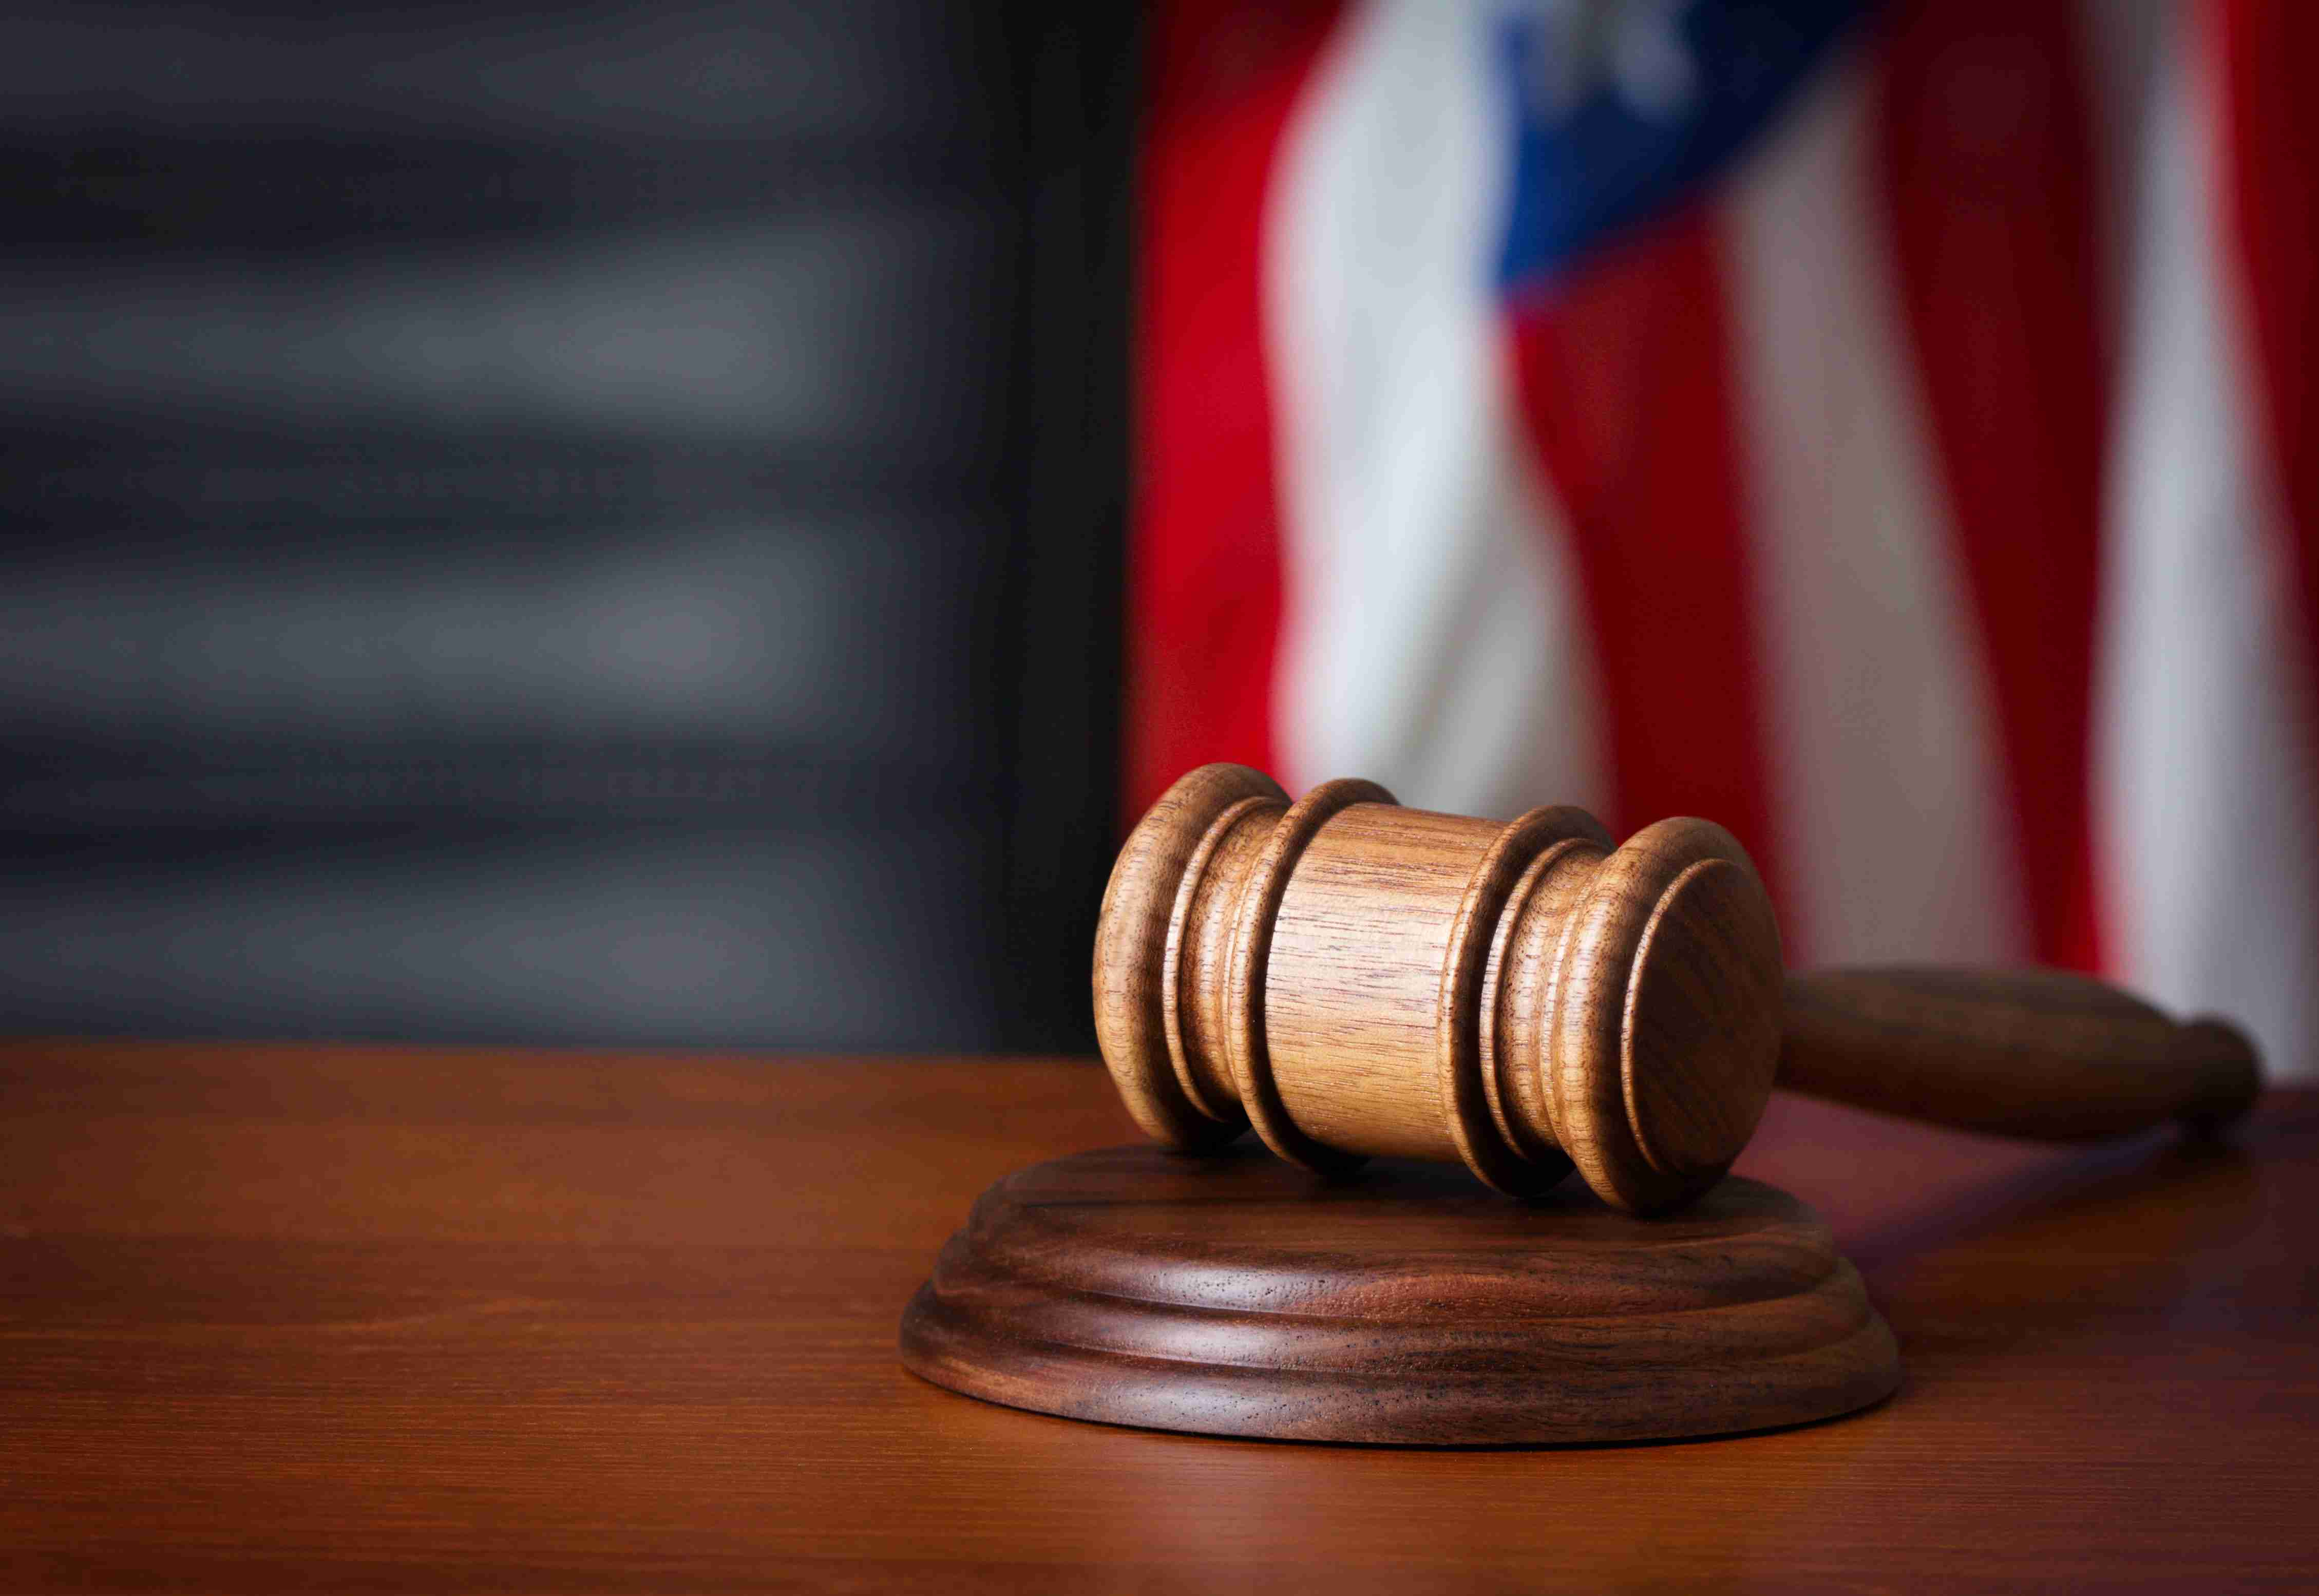 gavel on court desk 951 the bull